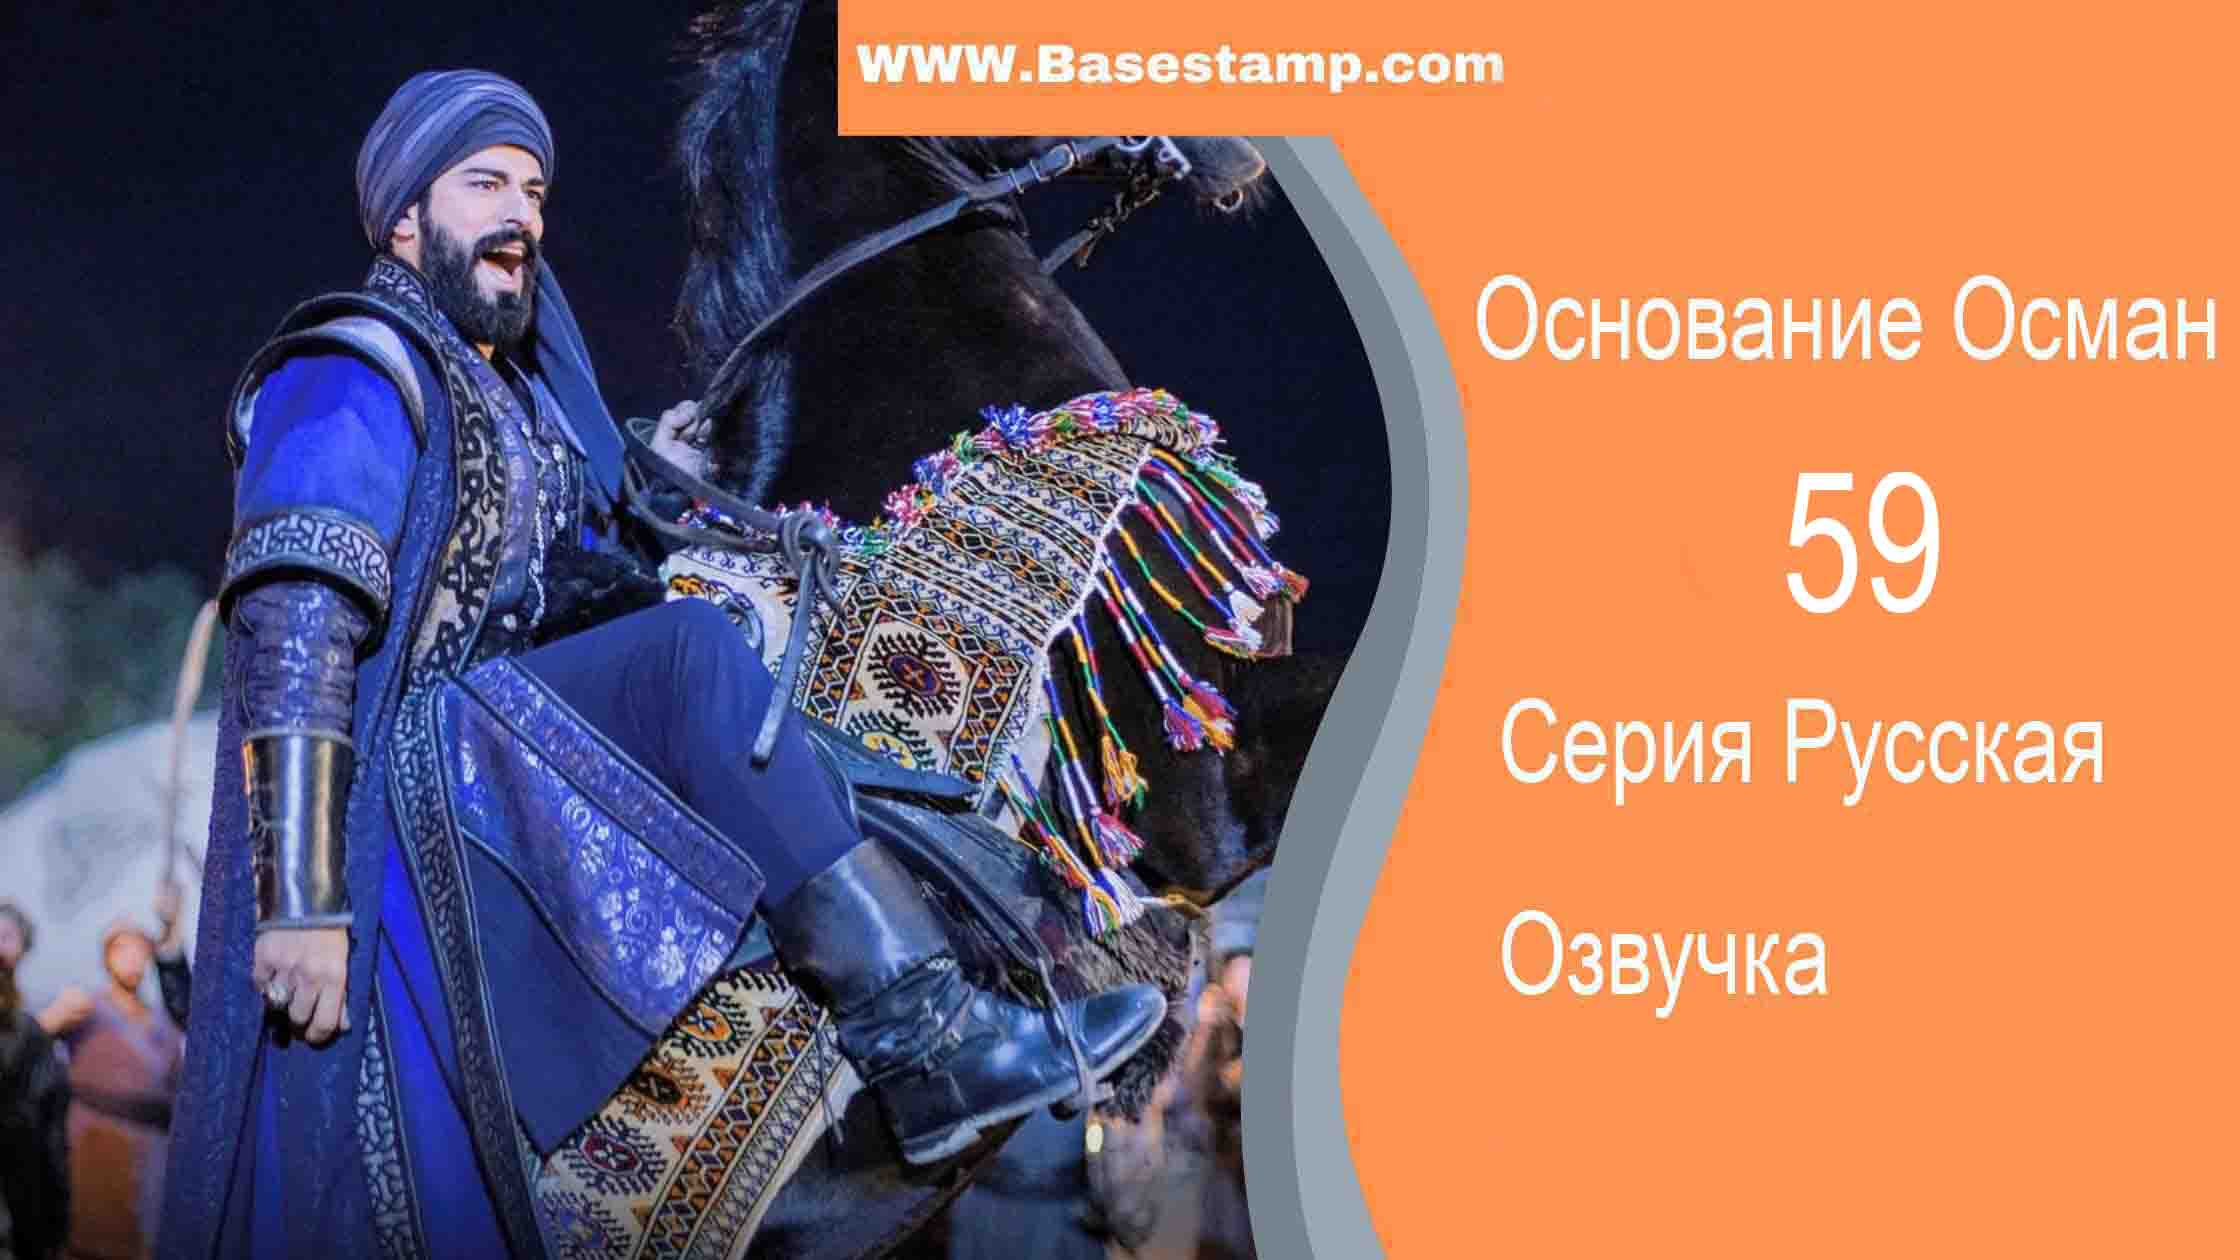 ▷❤️Основание Осман 59 Серия Русская Озвучка ок